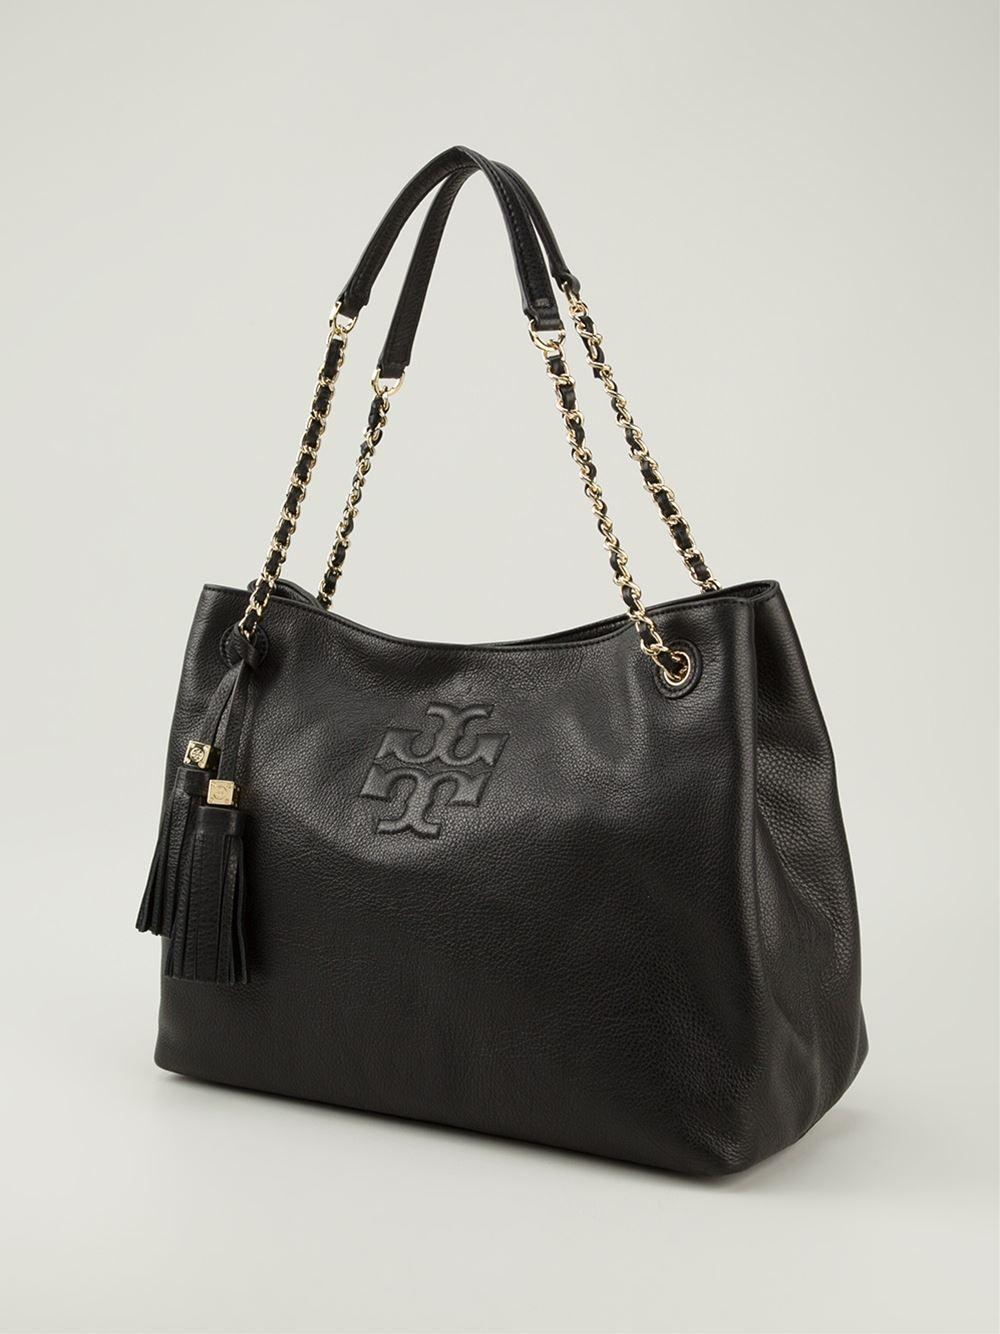 b06cbd118aa Lyst - Tory Burch Thea Shopper Tote in Black